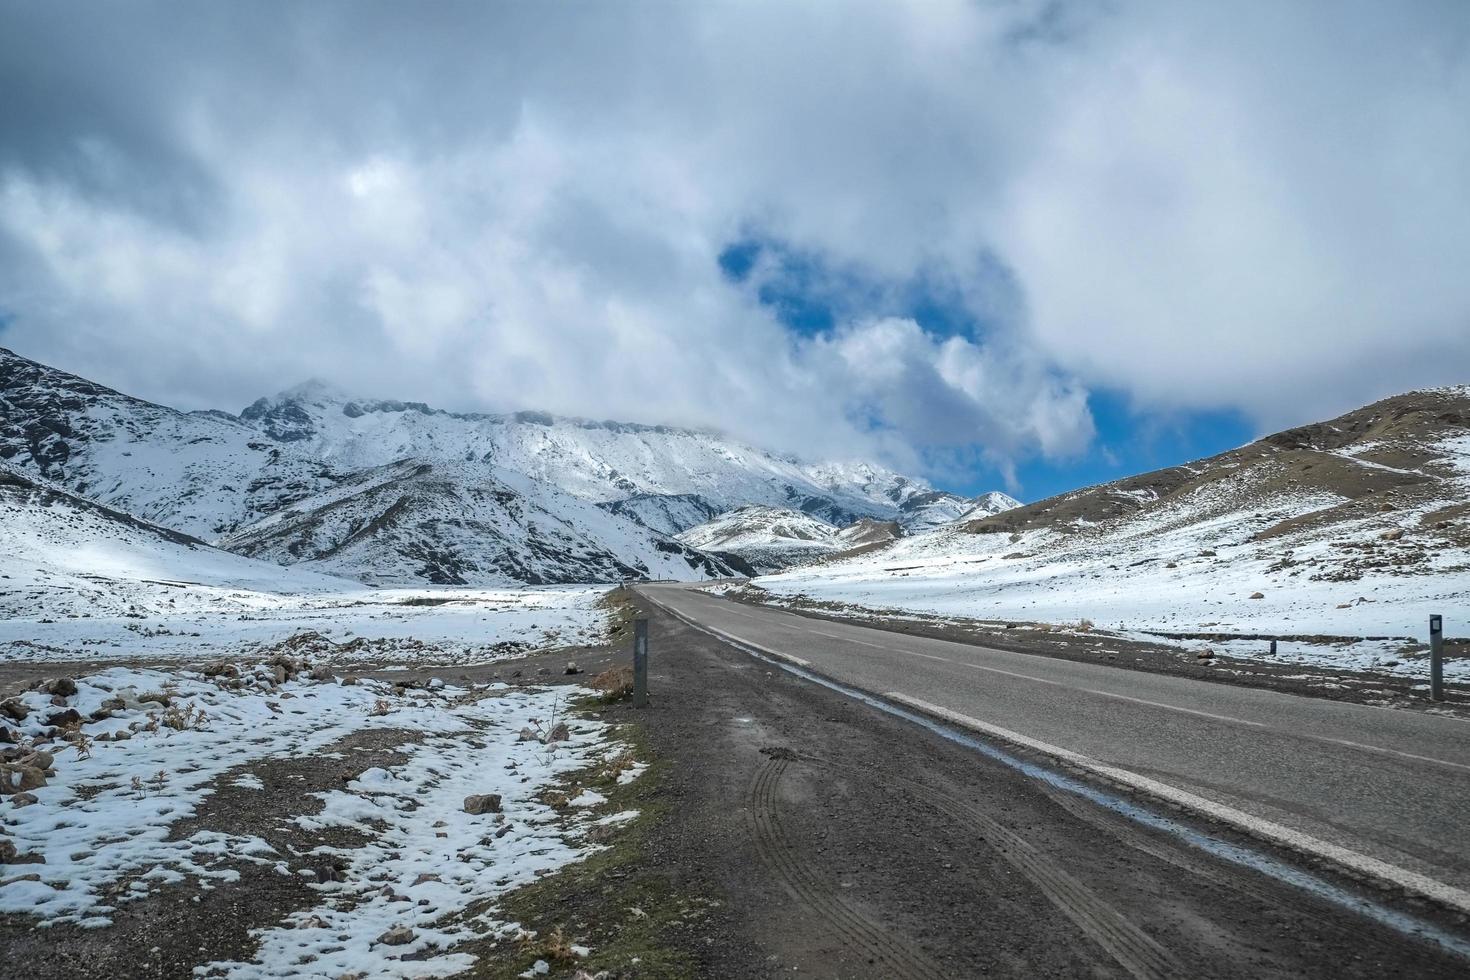 eine Straße inmitten schneebedeckter Bergketten foto